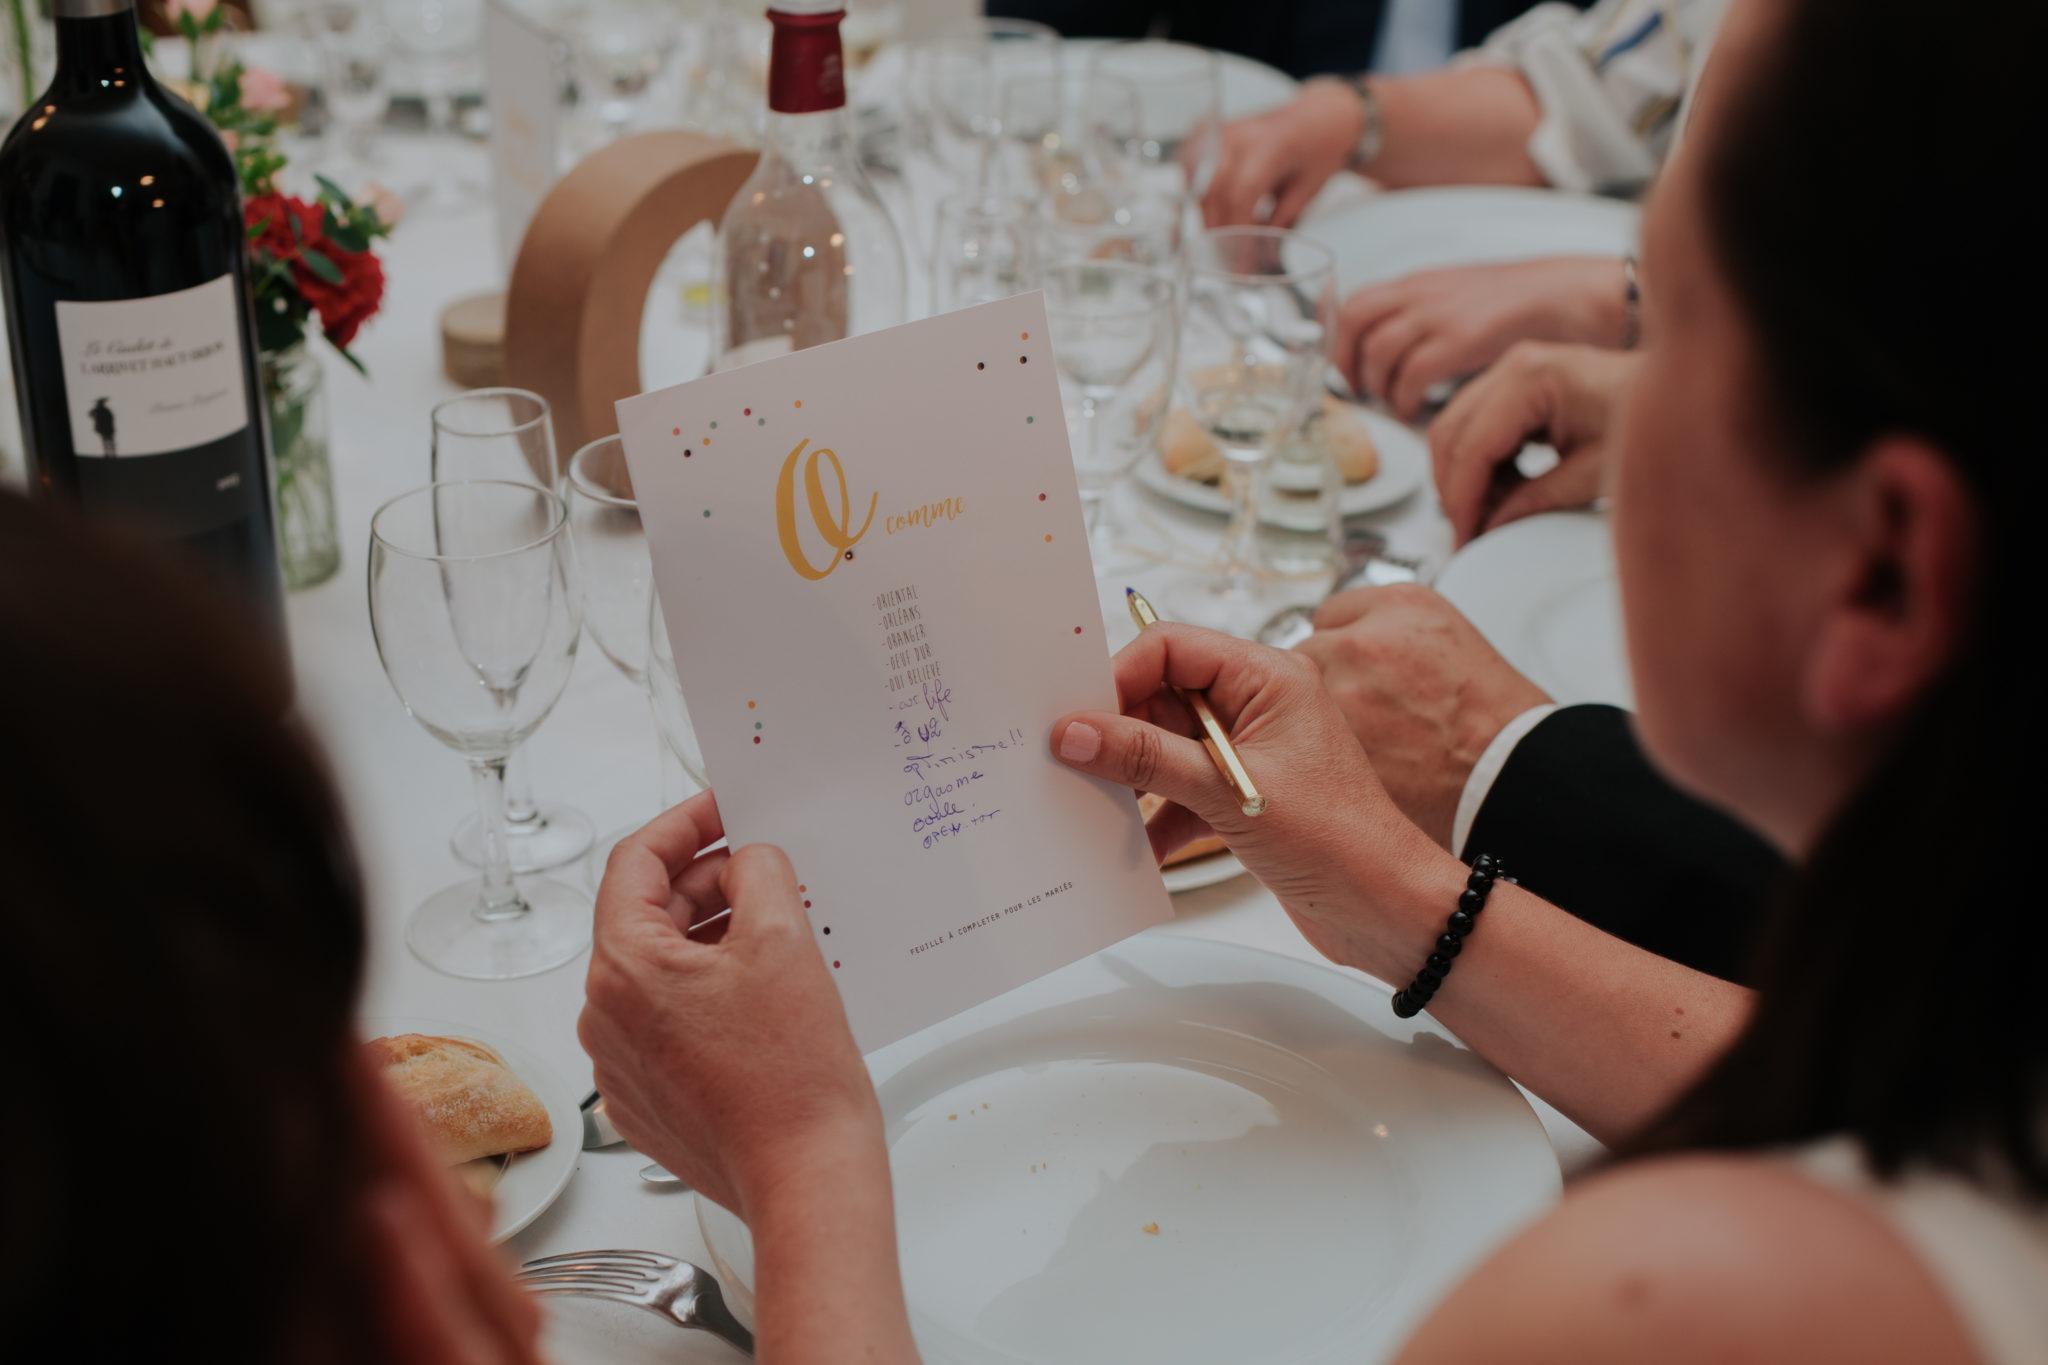 Jeu de table dîner Chateau de Pirey Dordogne